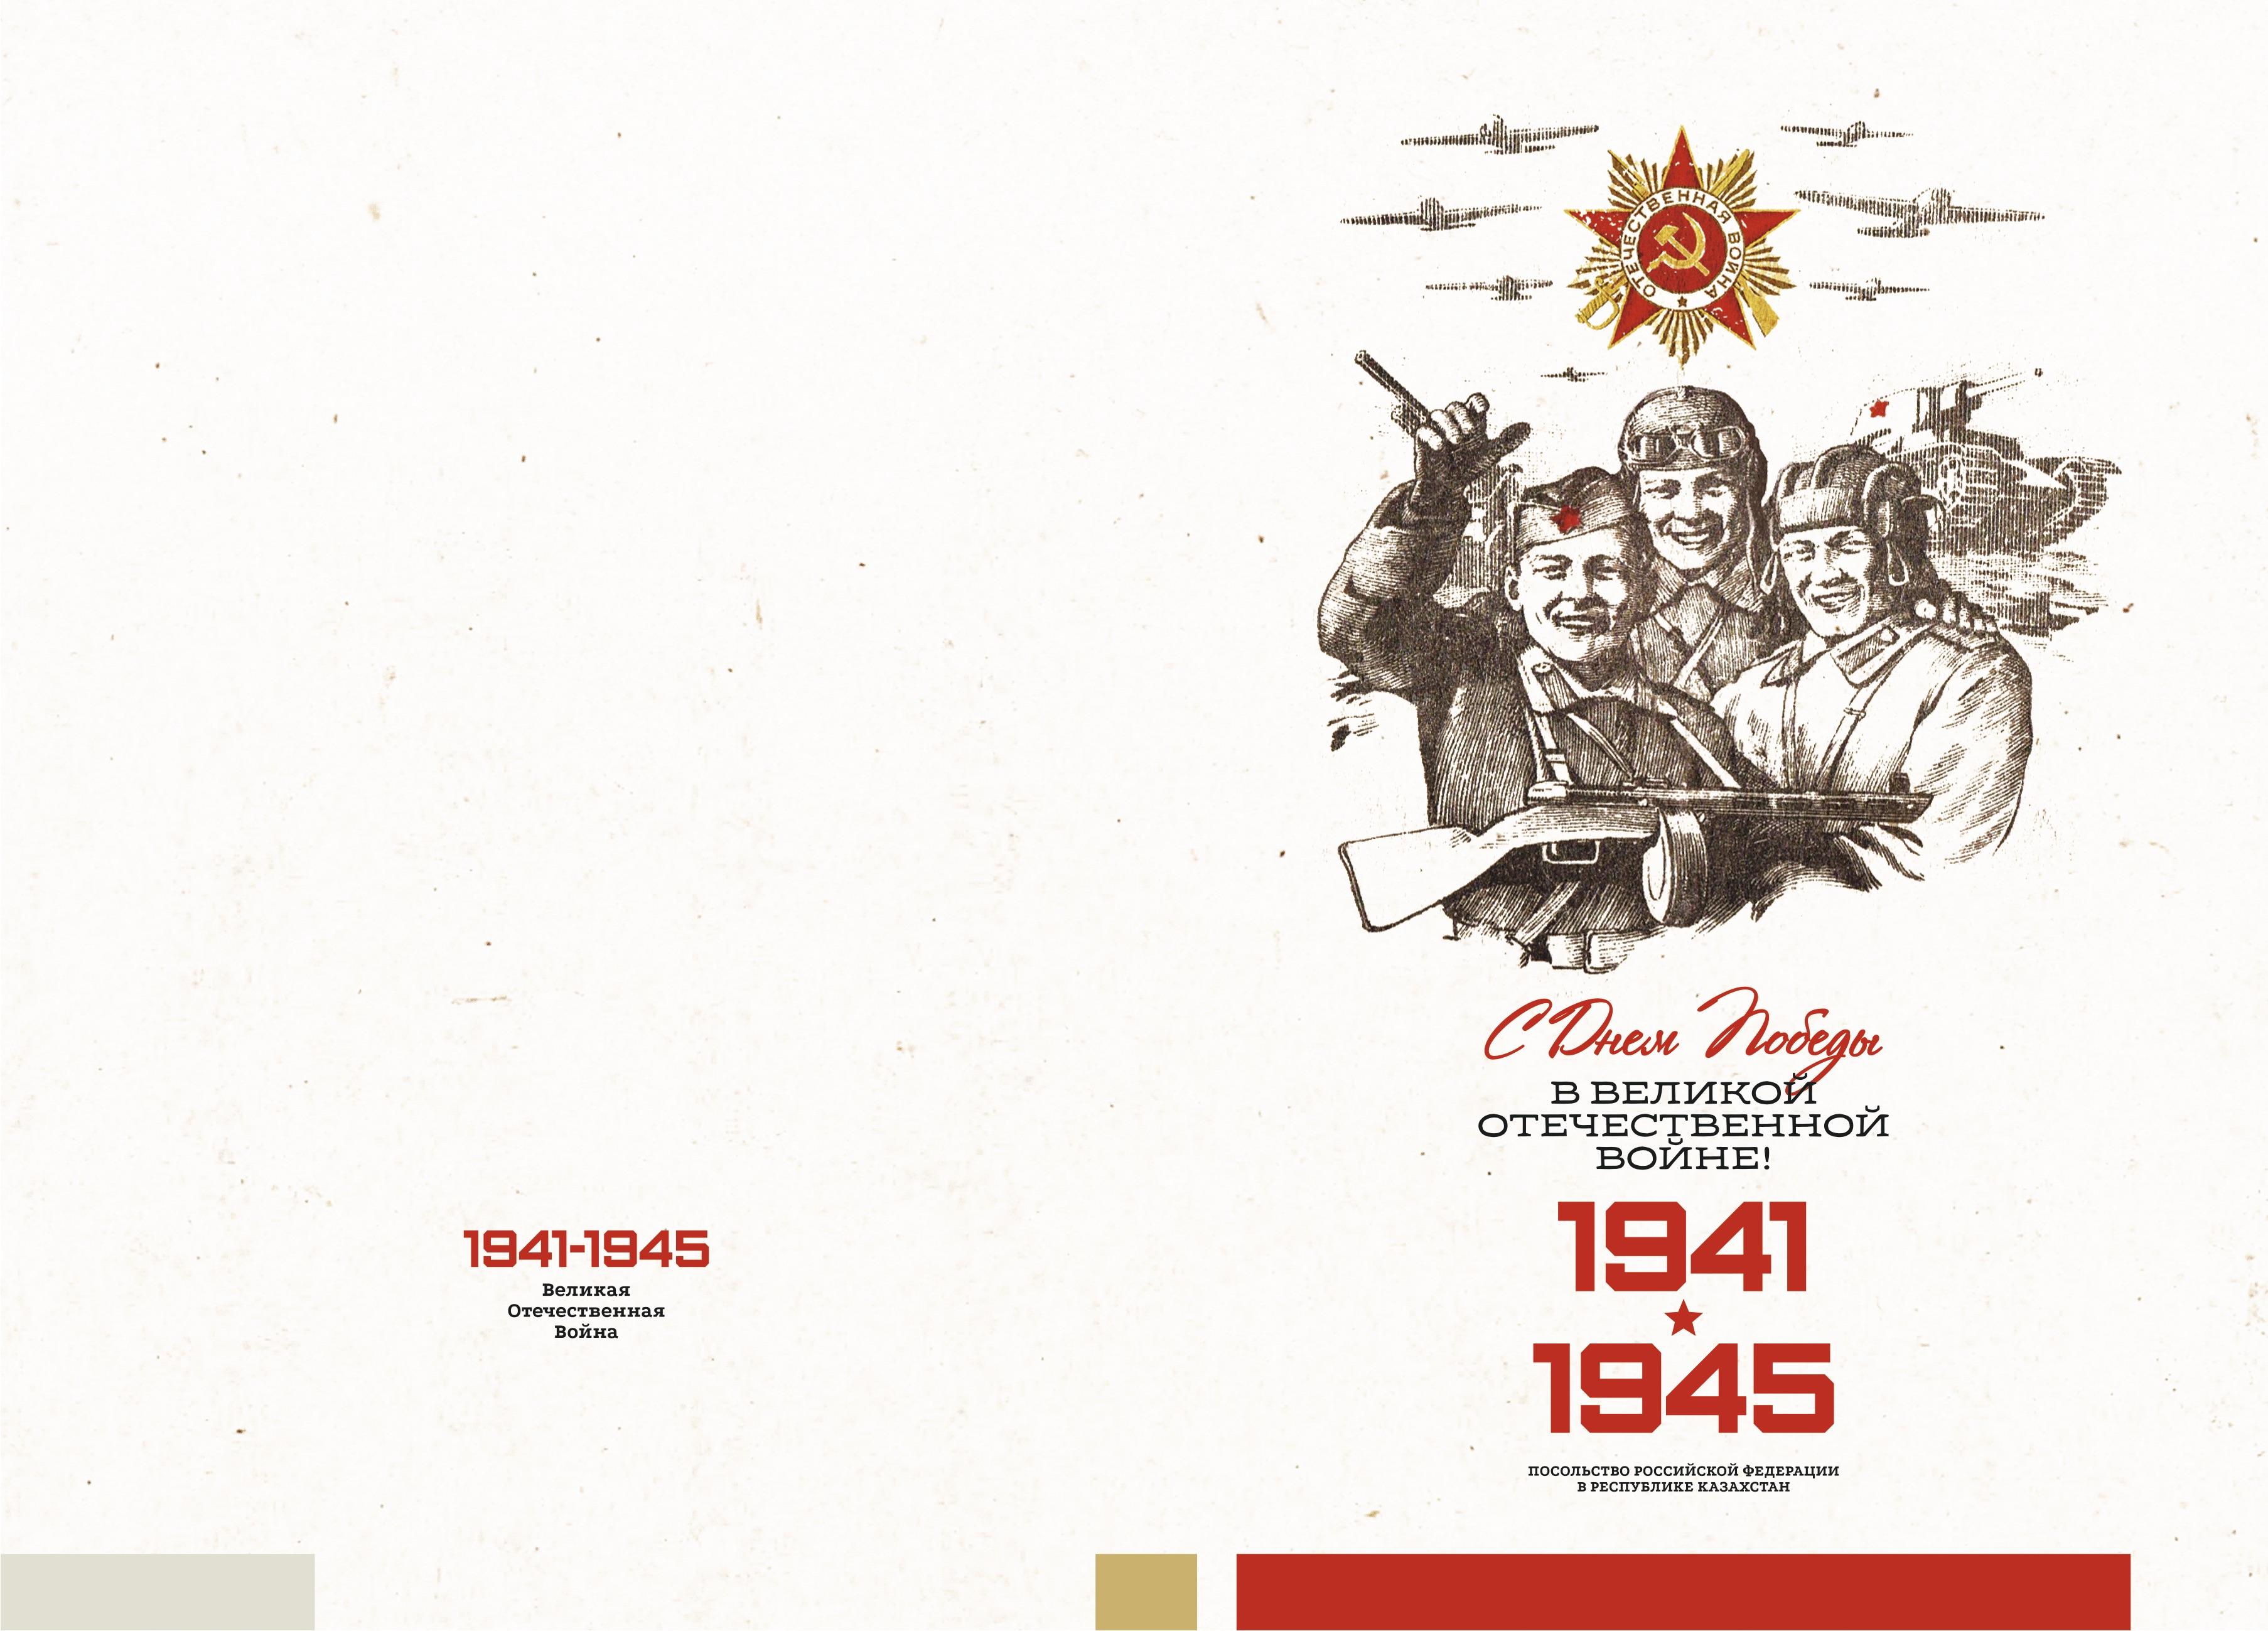 Казахстан в периодВеликой Отечественной войны